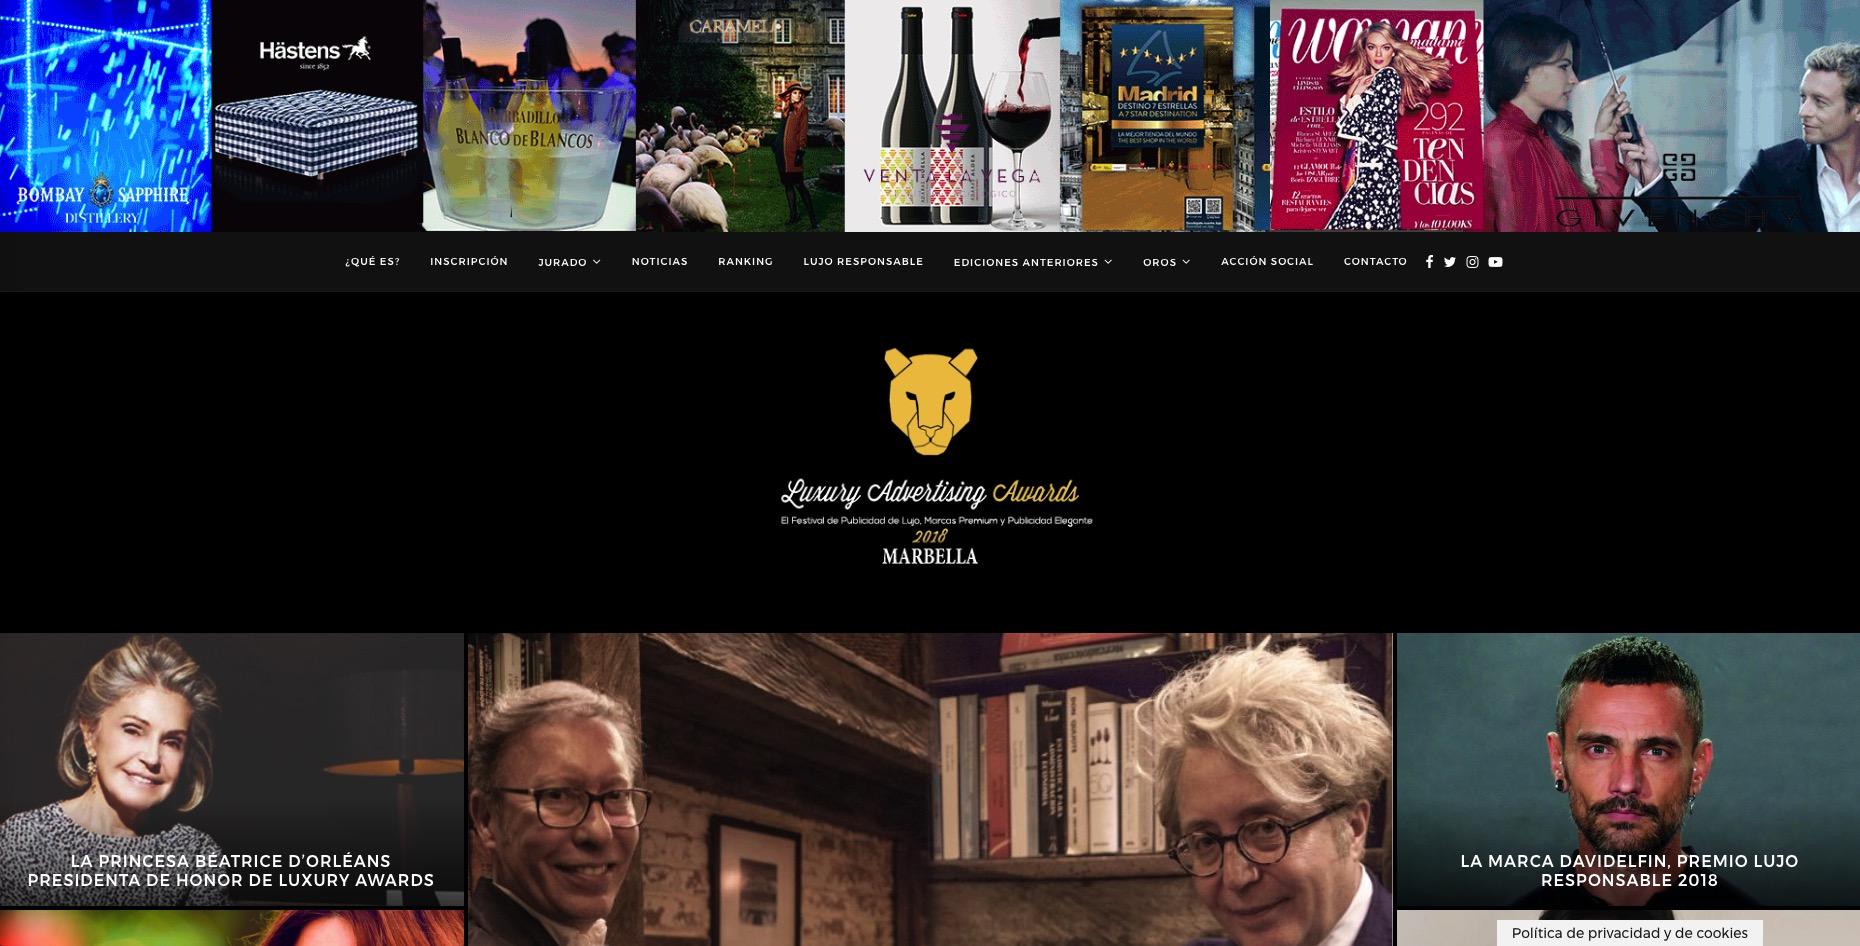 Premios Luxury Advertising Awards